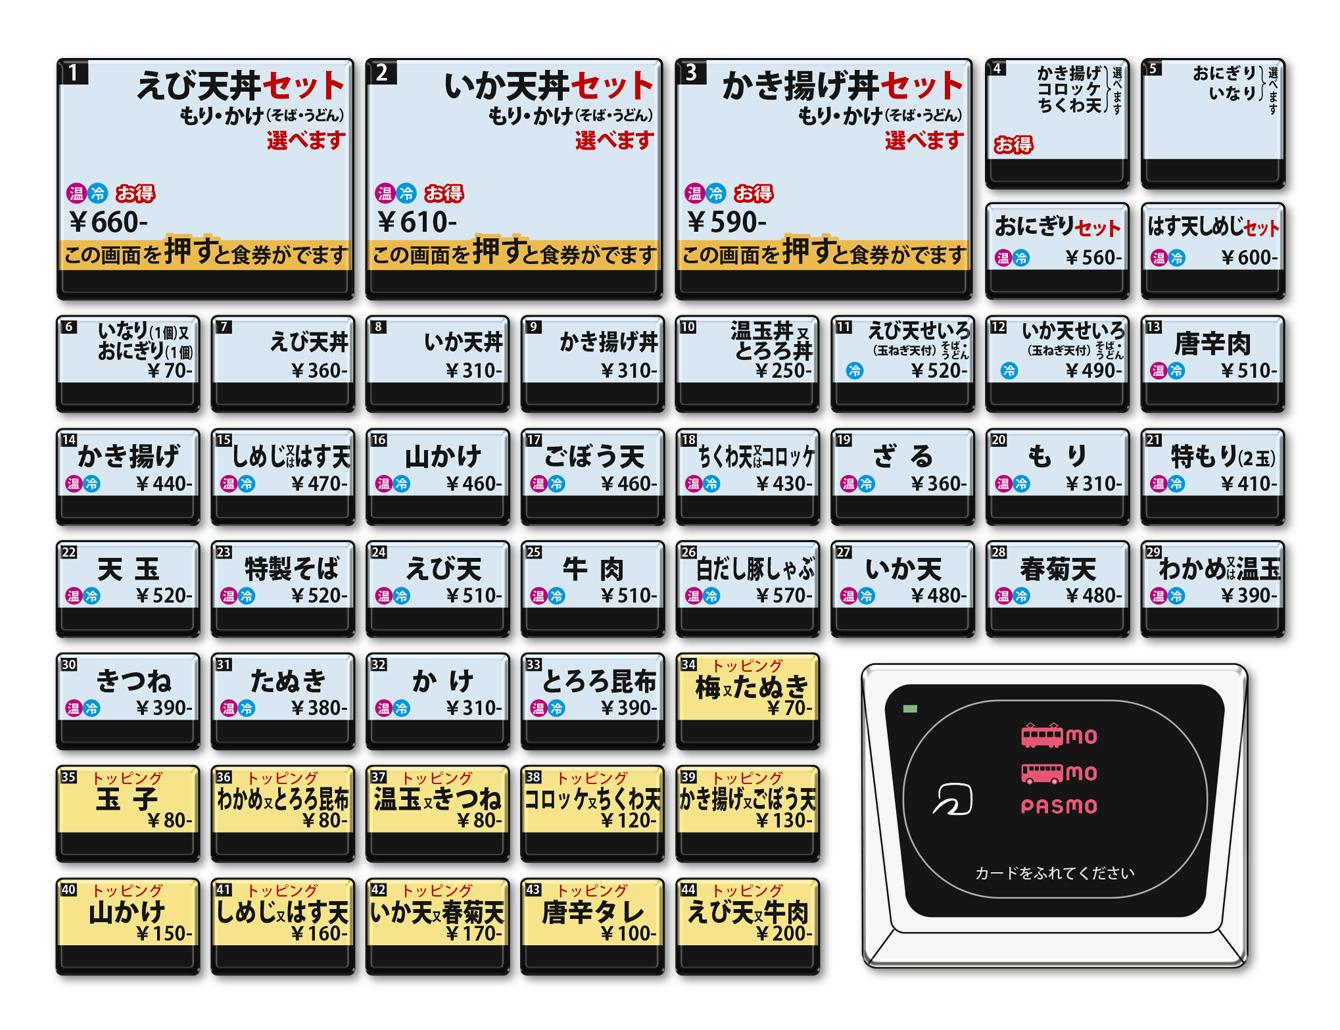 券売機のボタンのラベルと配置(イラスト)